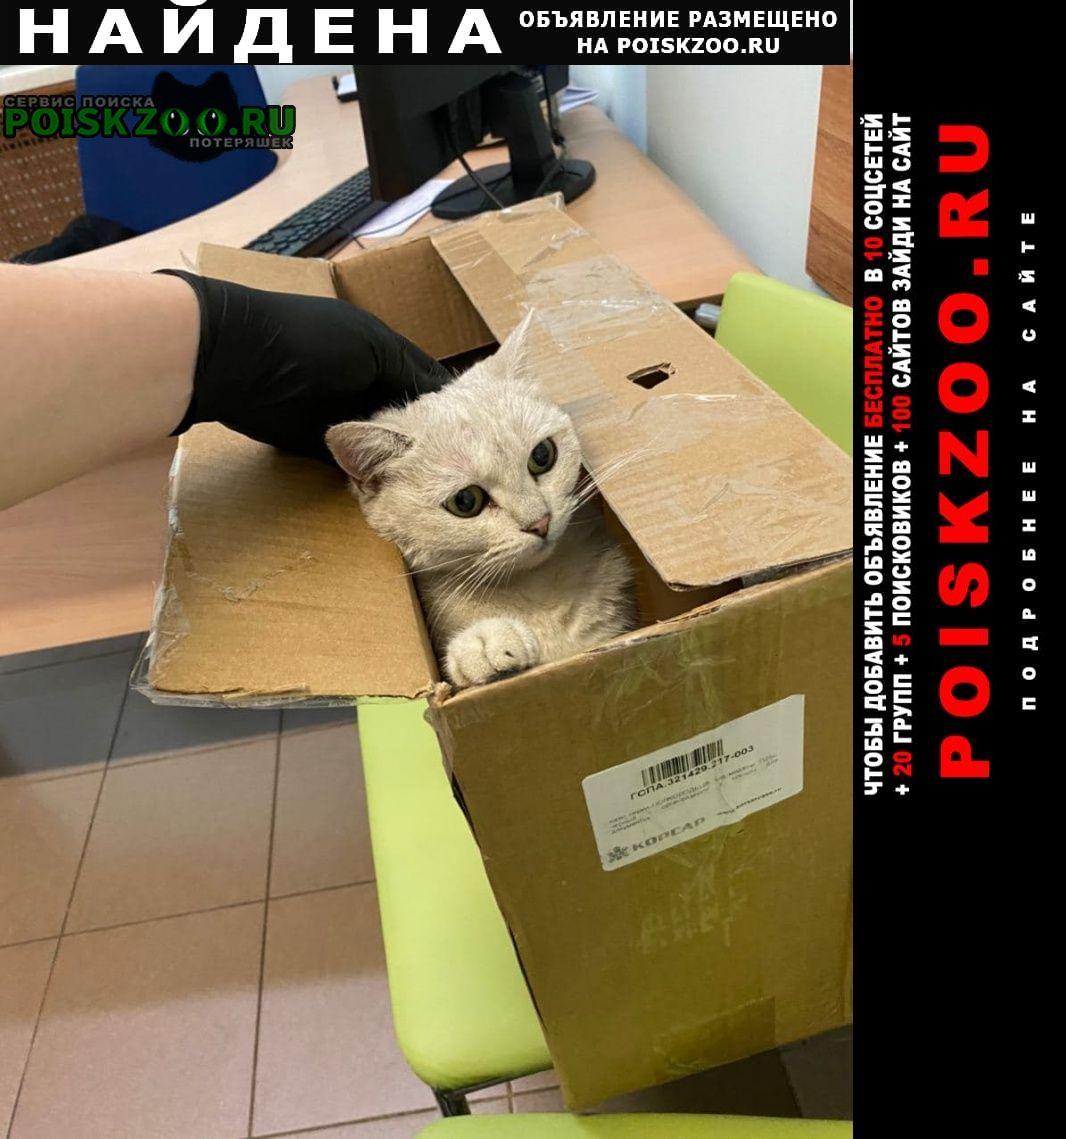 Найдена кошка октябрьское поле, серебристая шиншилла Москва